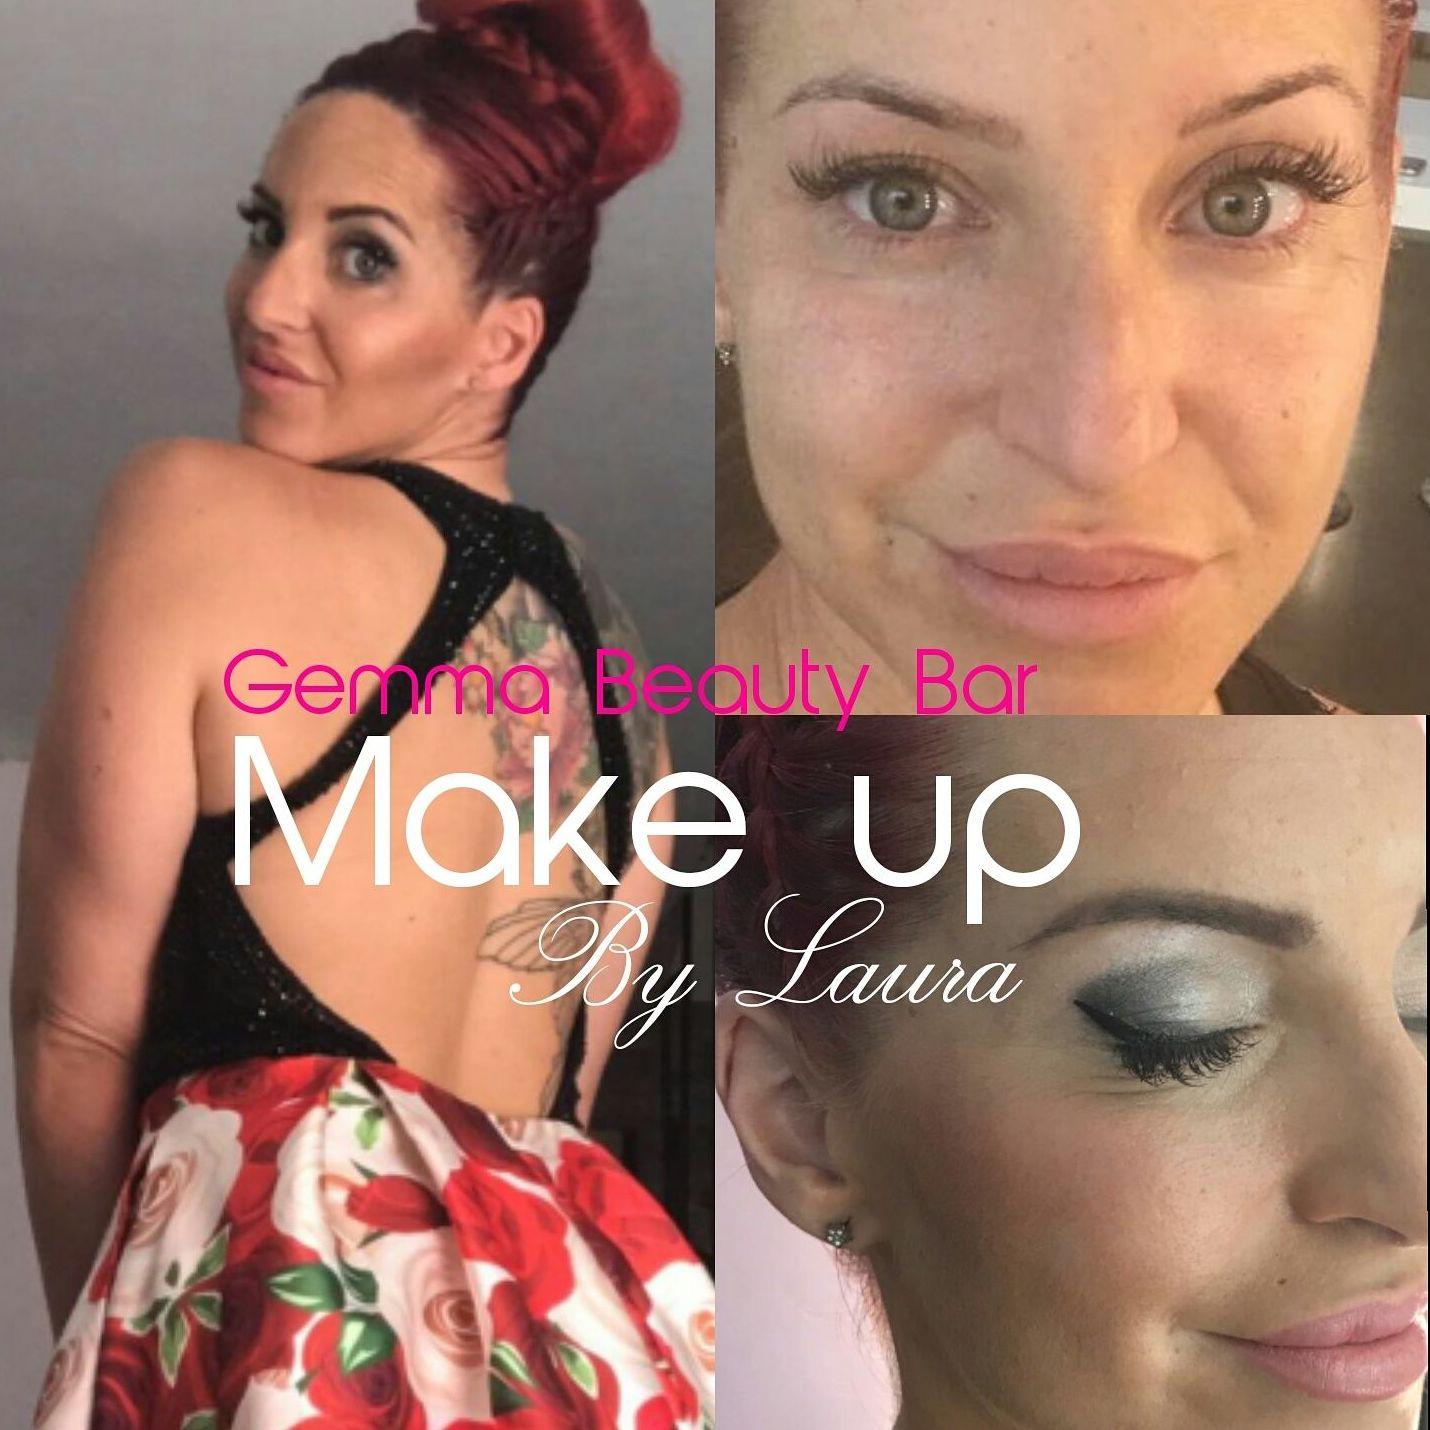 Maquillaje: Nuestros servicios y fotos de Gemma Beauty Bar